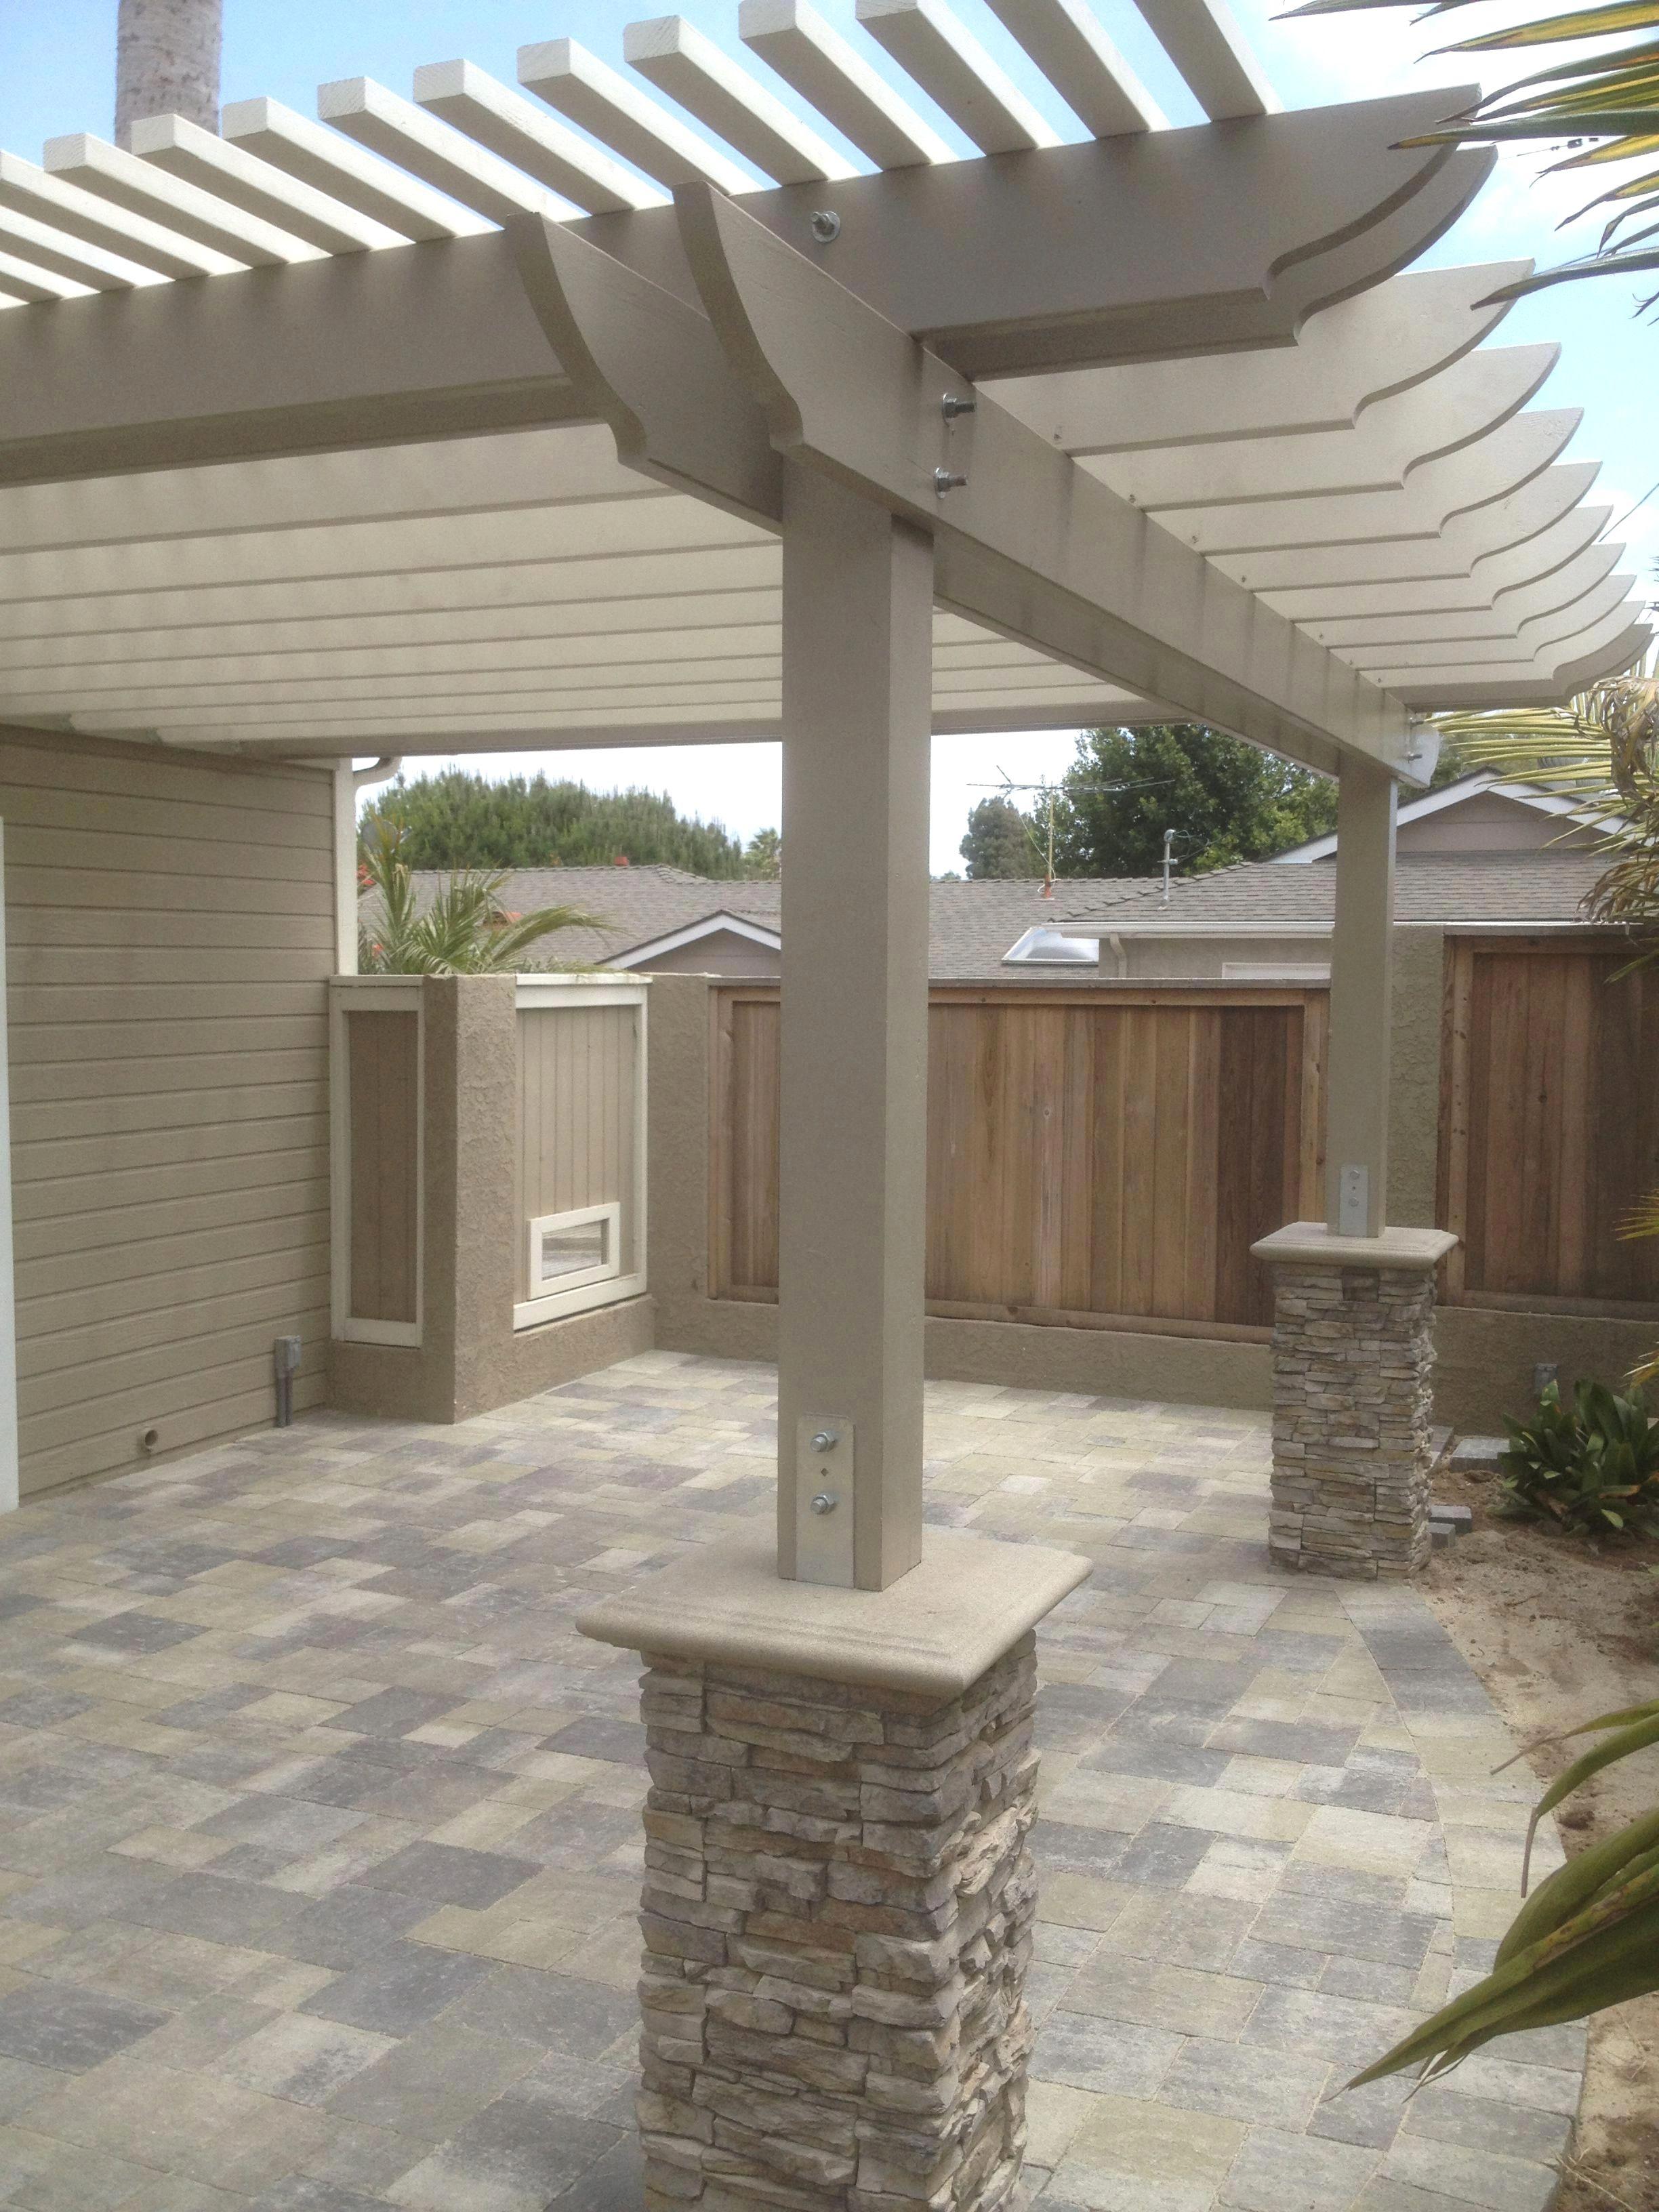 Patio lights in 2020 Outdoor patio designs, Outdoor